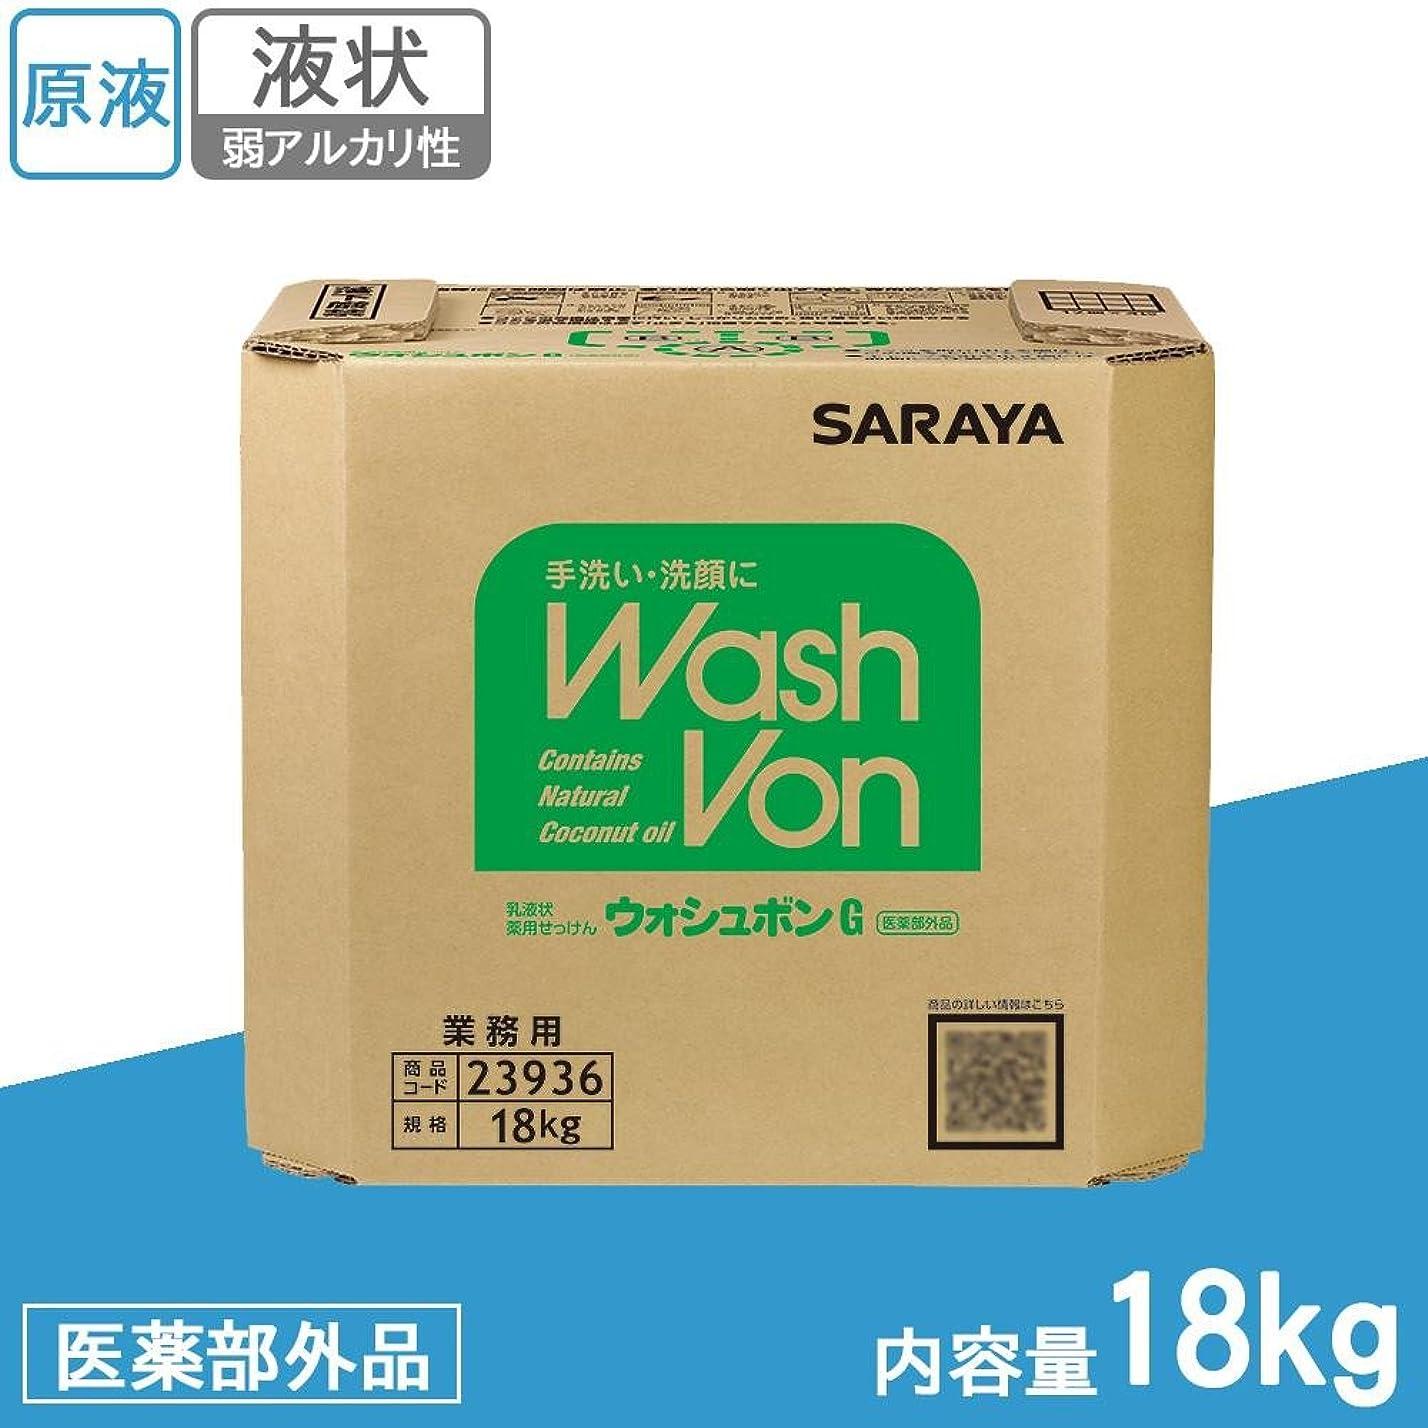 クックラベンダー費用サラヤ 業務用 乳液状薬用せっけん ウォシュボンG 18kg BIB 23936 (医薬部外品)